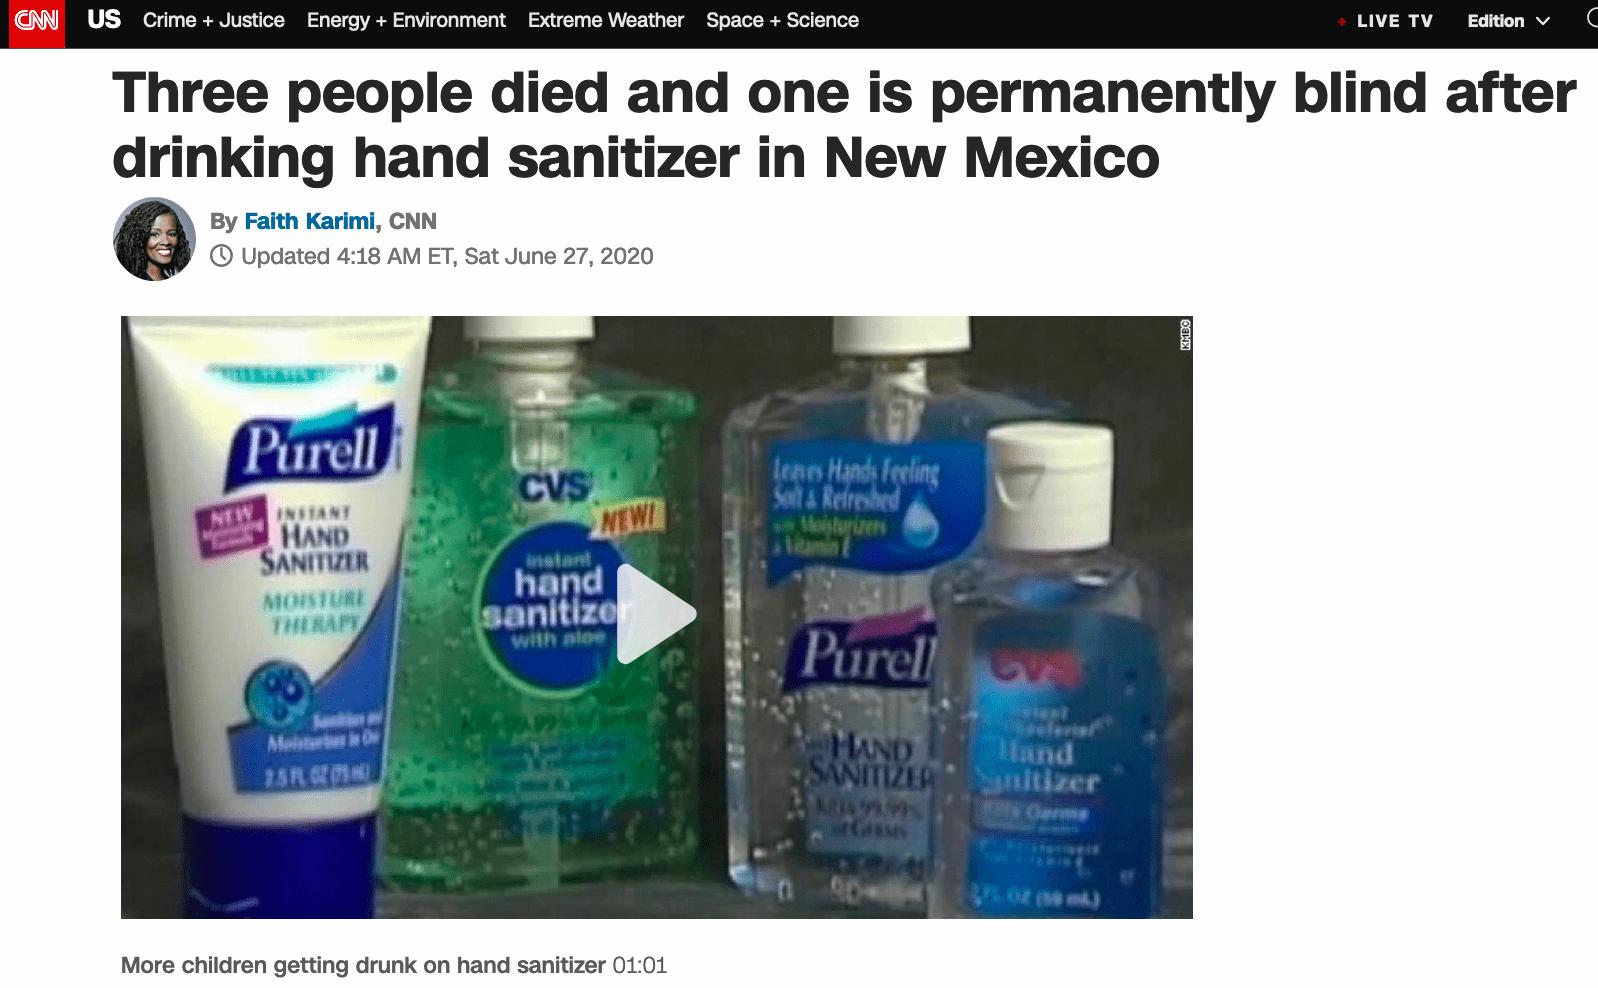 美国发生多起饮用洗手液事件 3人死亡1人永久失明